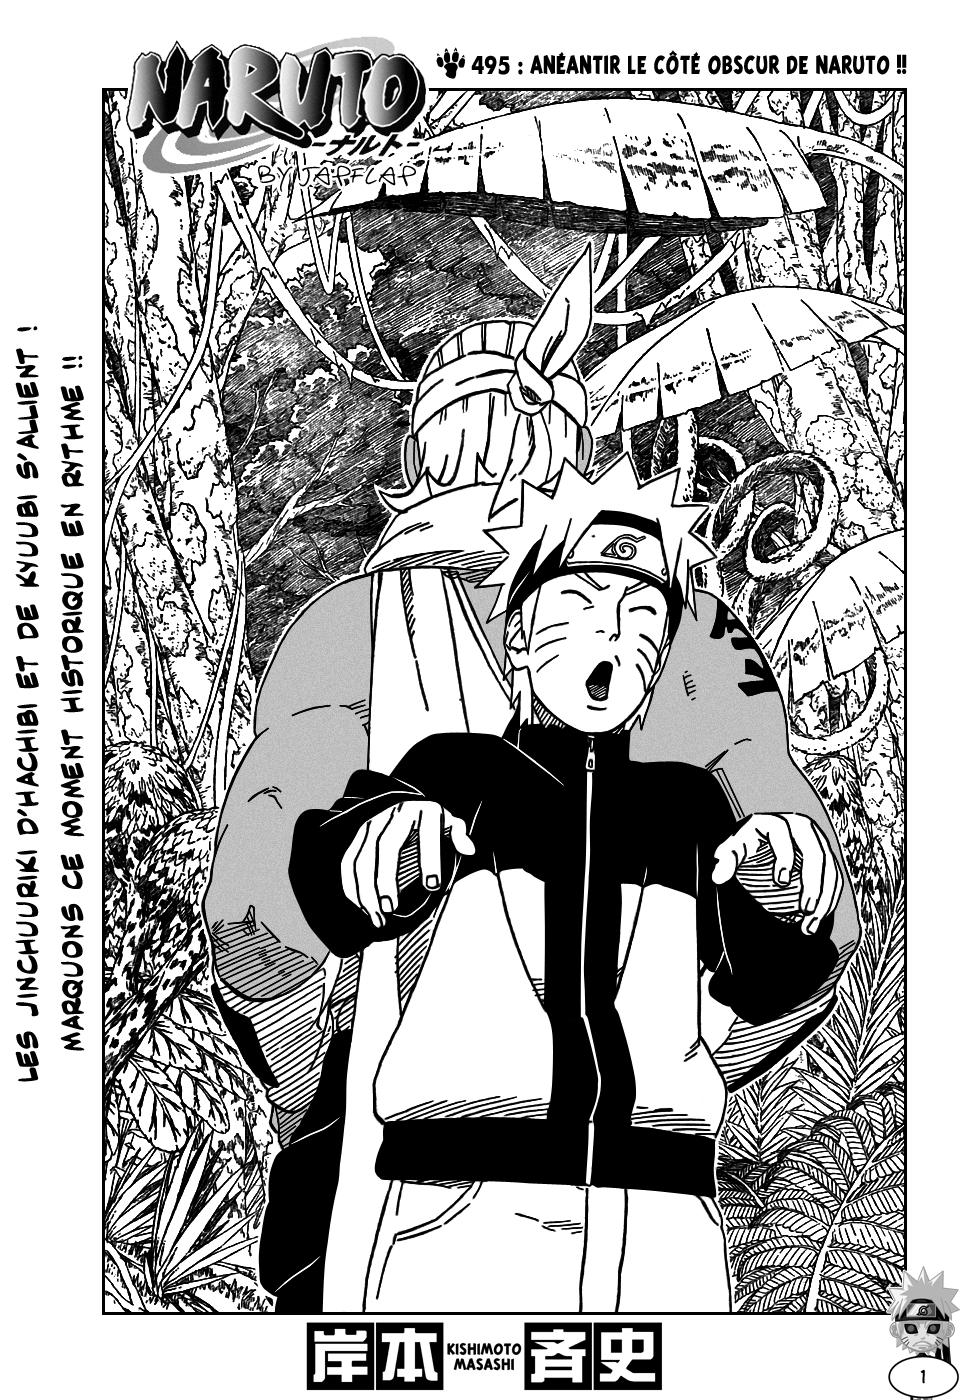 Naruto chapitre 495 - Page 1